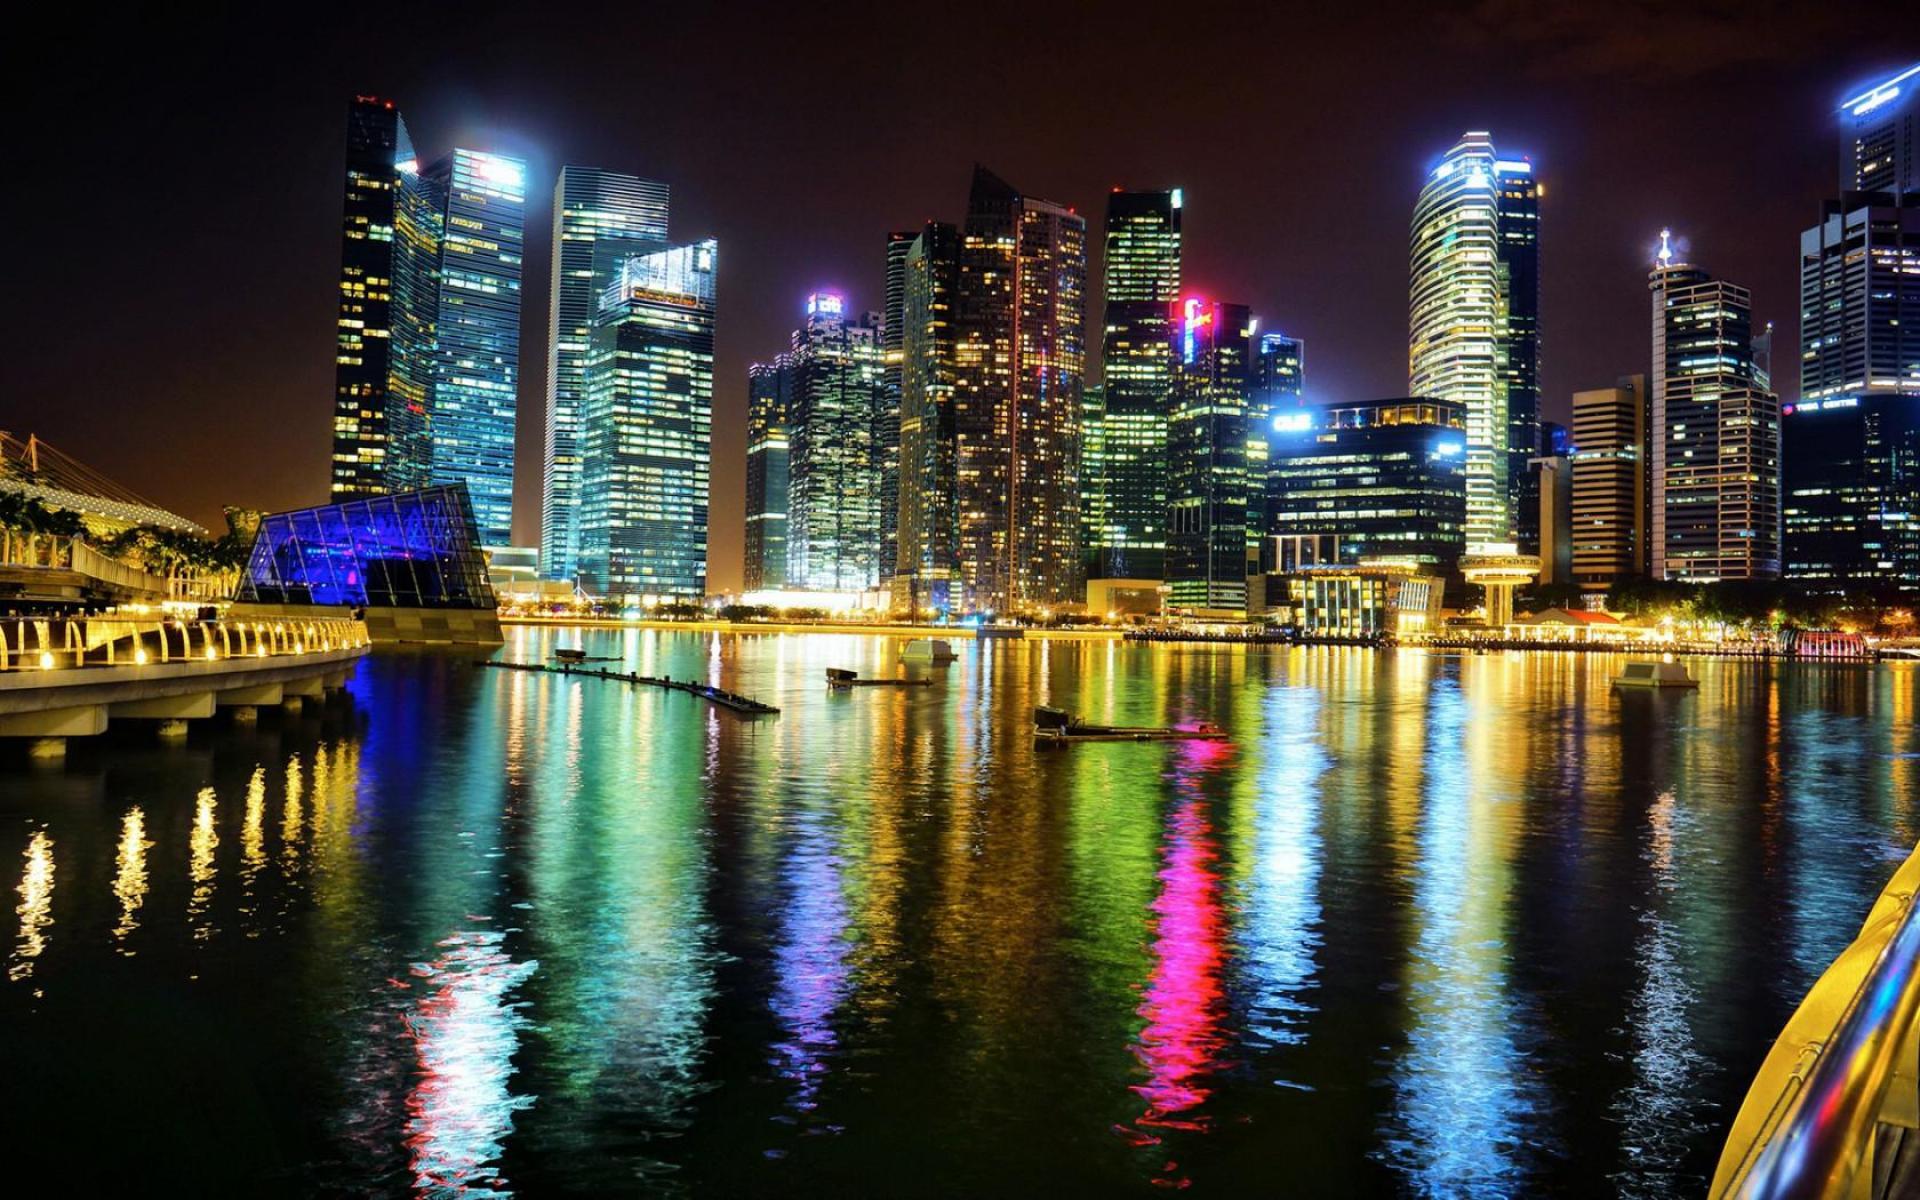 небоскребы город вода огни ночь  № 3981323 загрузить